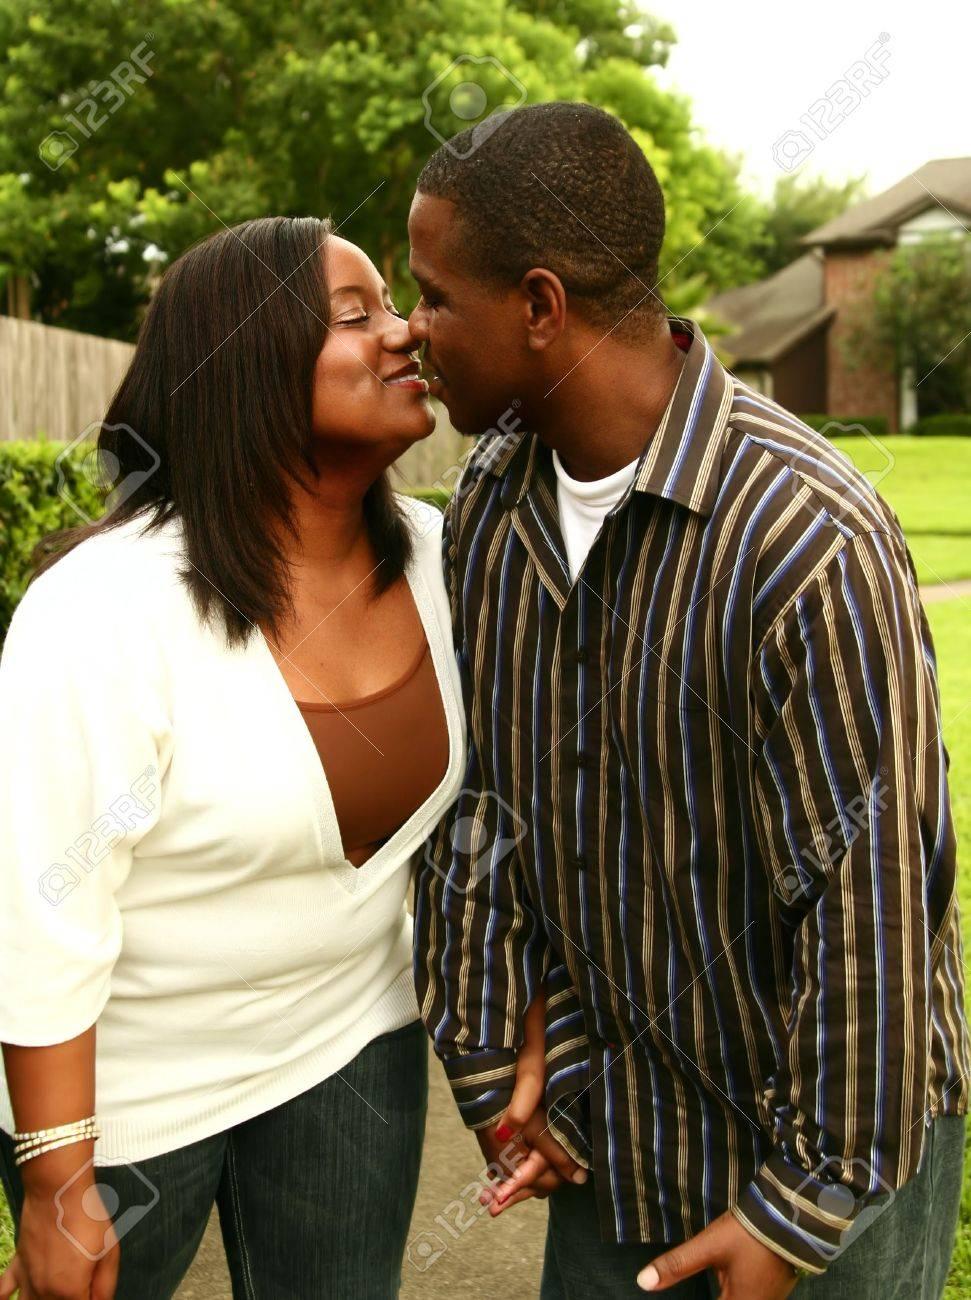 africano americano dating africano Velocità datazione Berlino 50 più